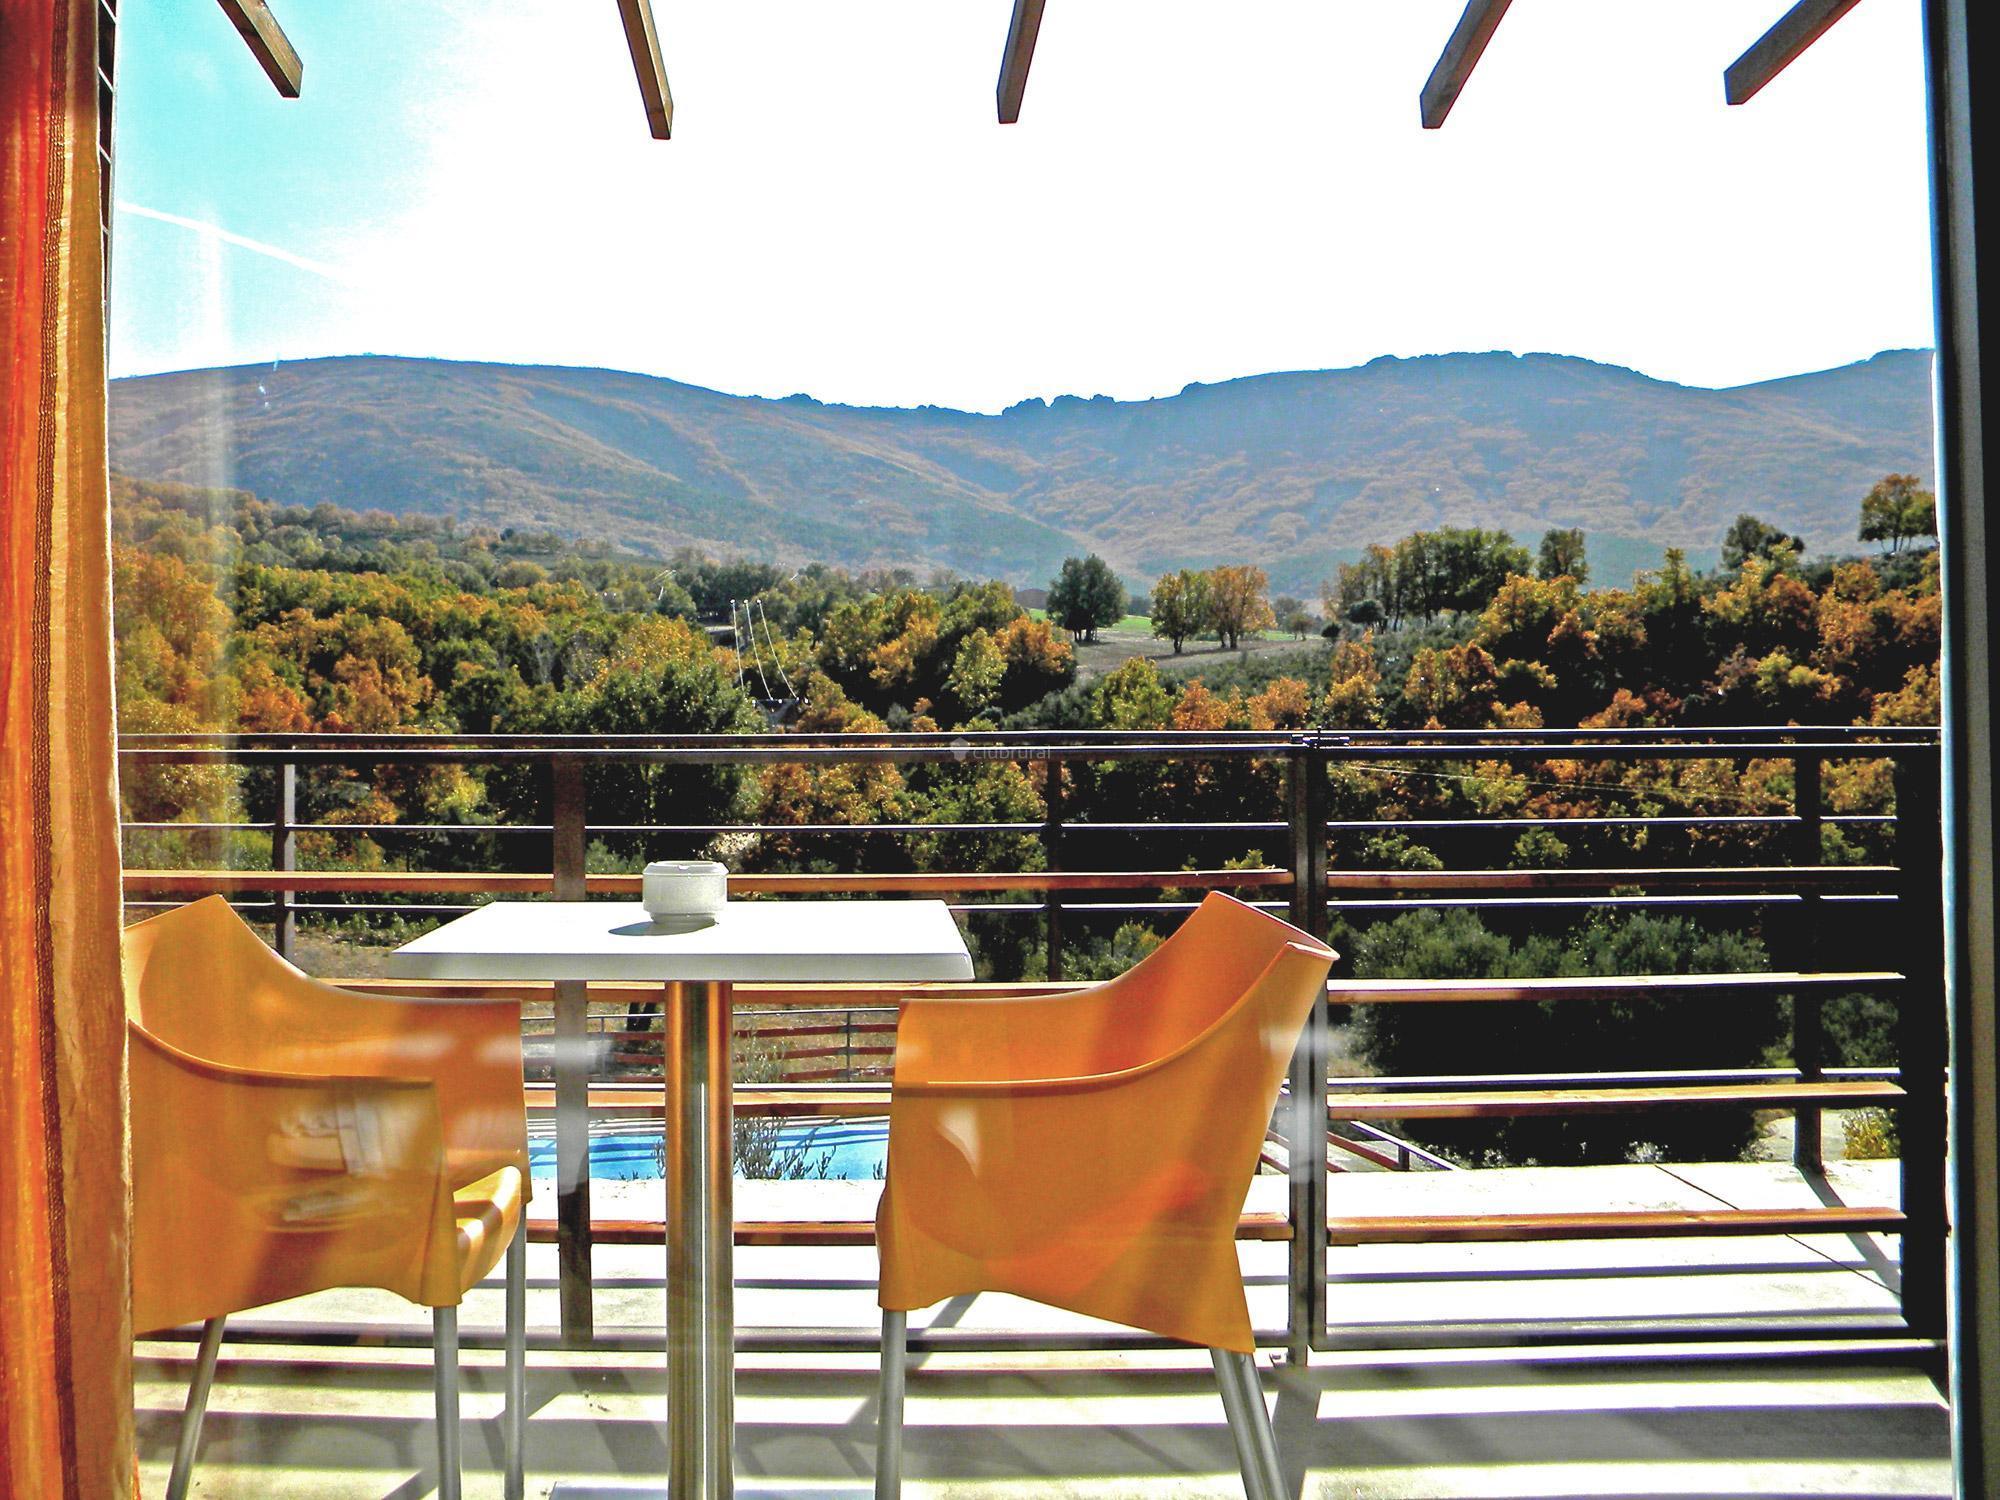 Fotos de el refugio de cristal toledo hontanar clubrural - Casa rural toledo piscina ...